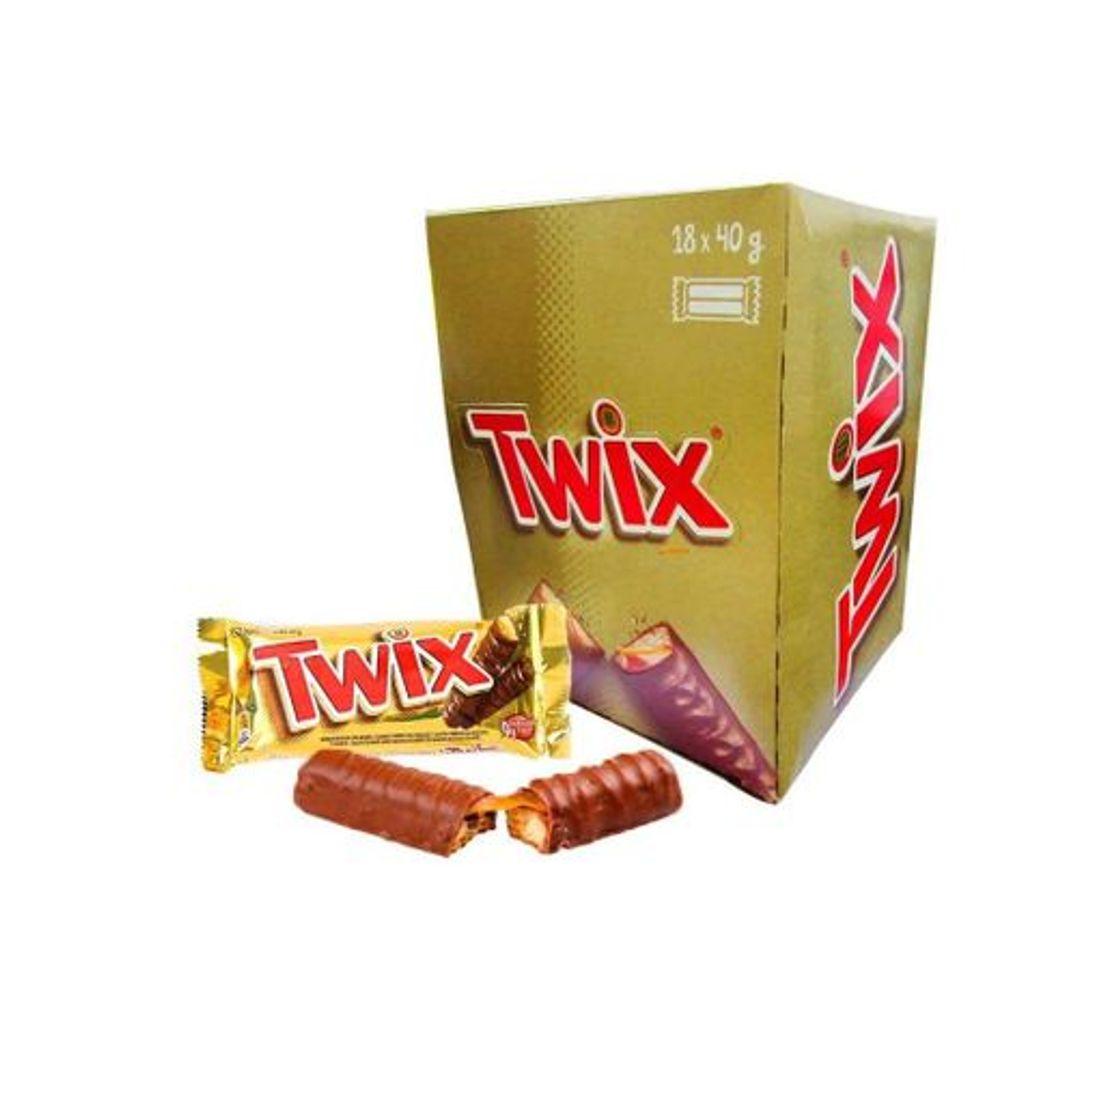 Twix Chocolate Duplo caixa com 18 unidades